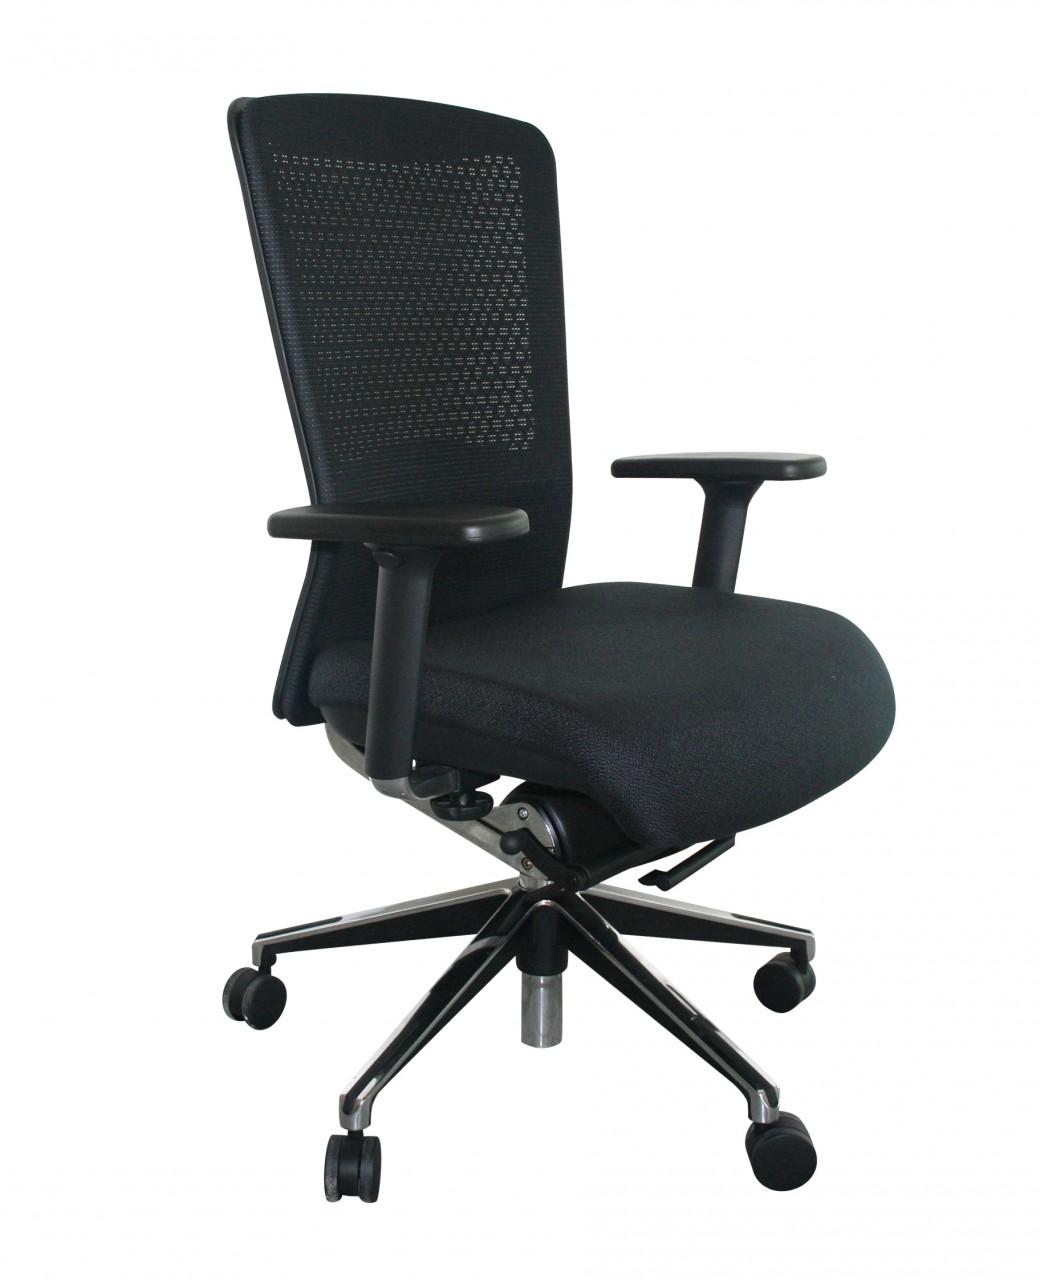 Fauteuil orla achat si ges ergonomiques 319 00 - Fauteuil de bureau solide ...